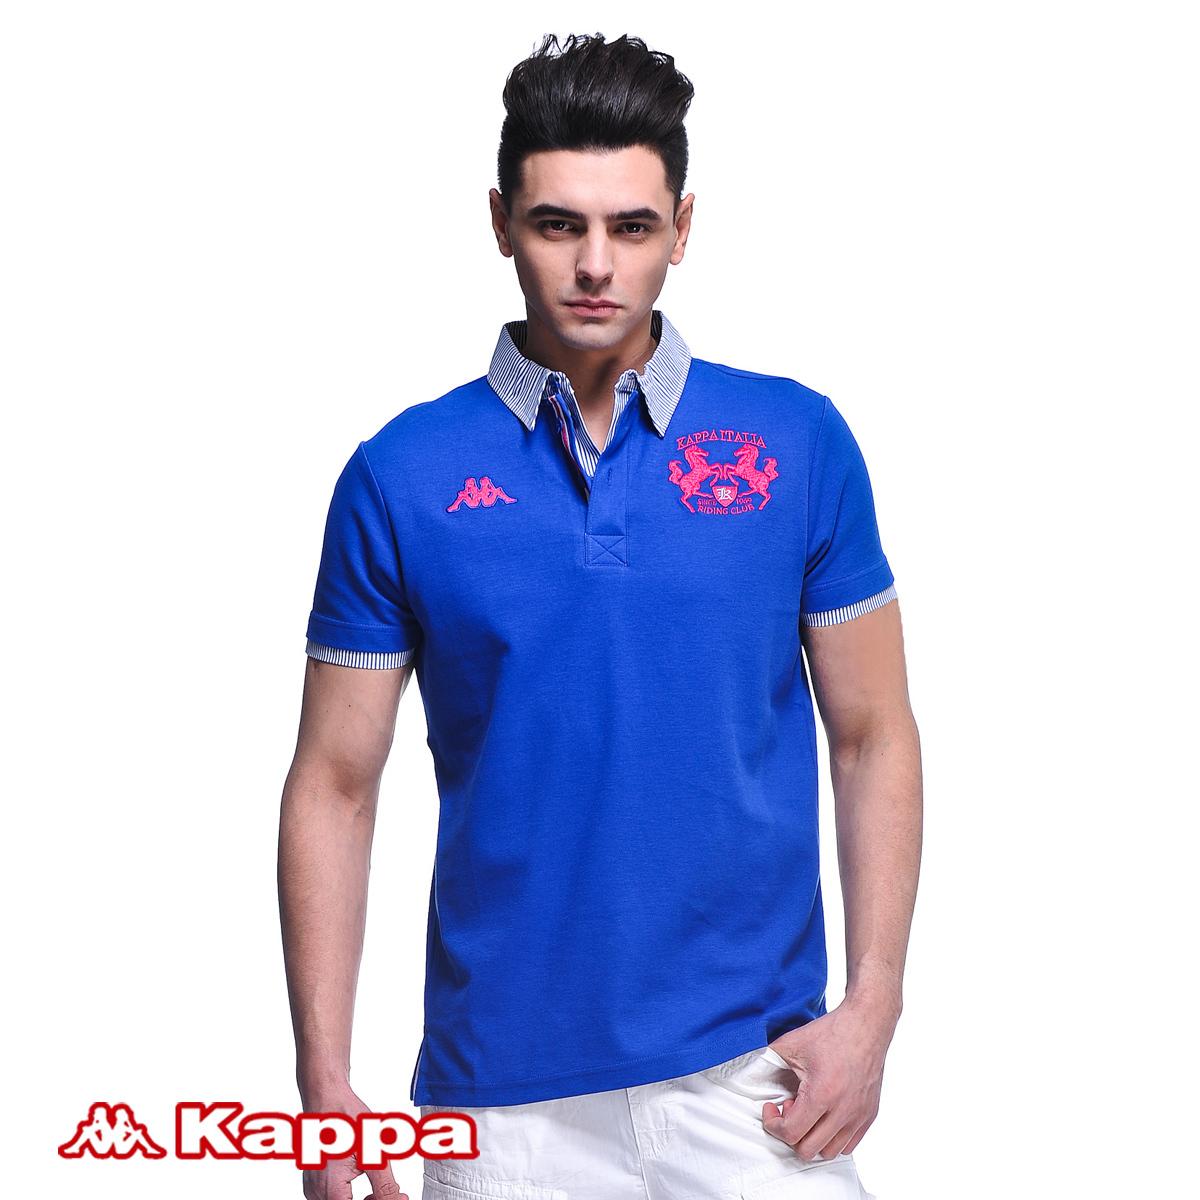 Рубашка поло KAPPA k2102pd495 POLO Для мужчин Короткие рукава ( ≧35cm )